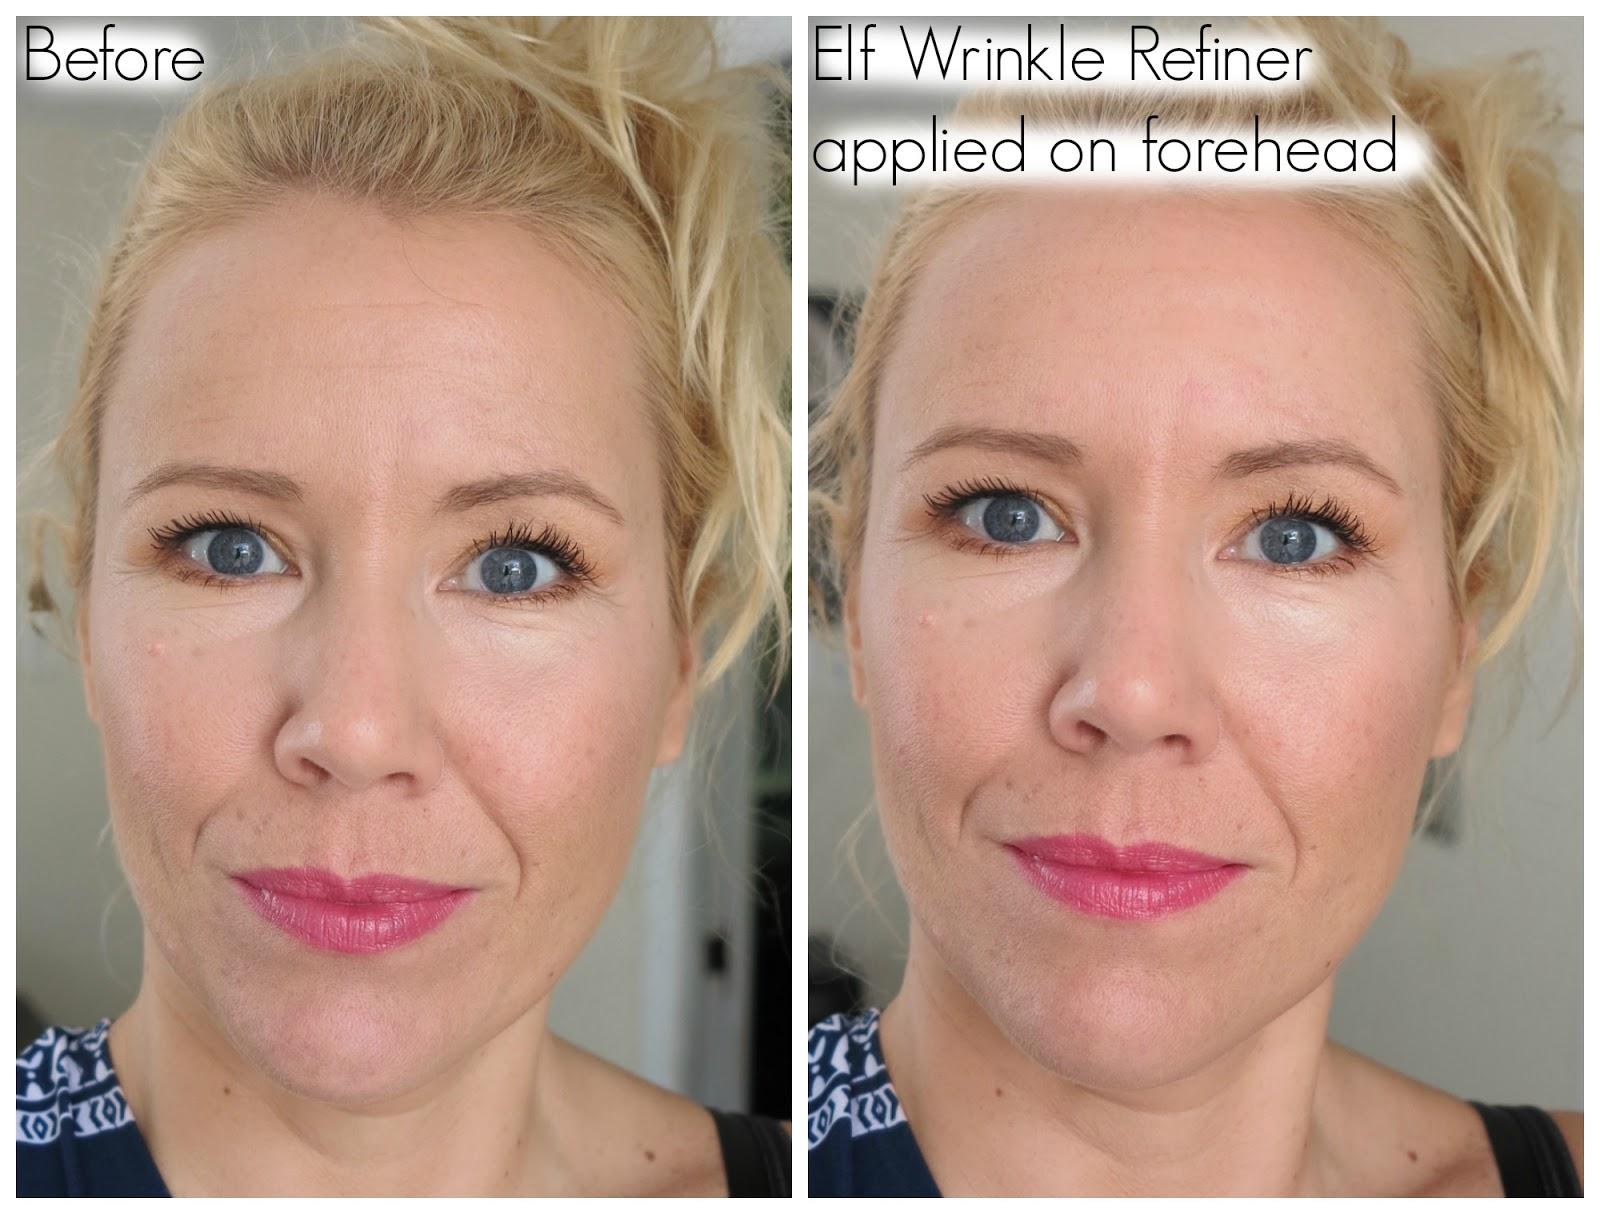 Elf Wrinkle Refiner Review